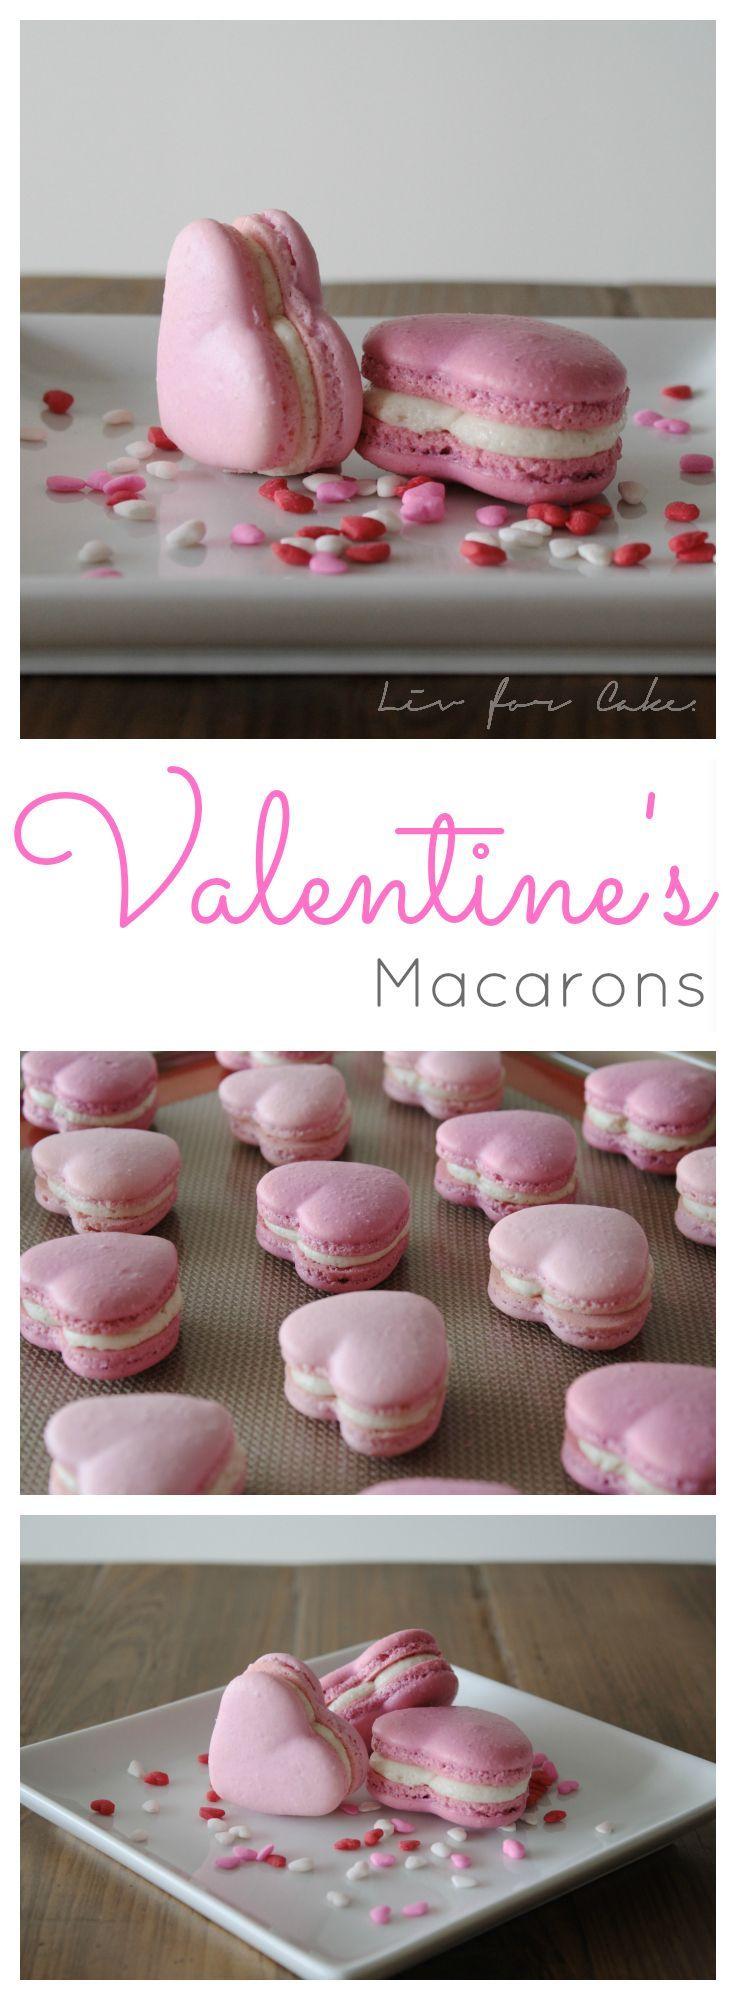 Macarons pour la St-Valentin (en anglais) #recette #stvalentin Valentine's Macarons | livforcake.com